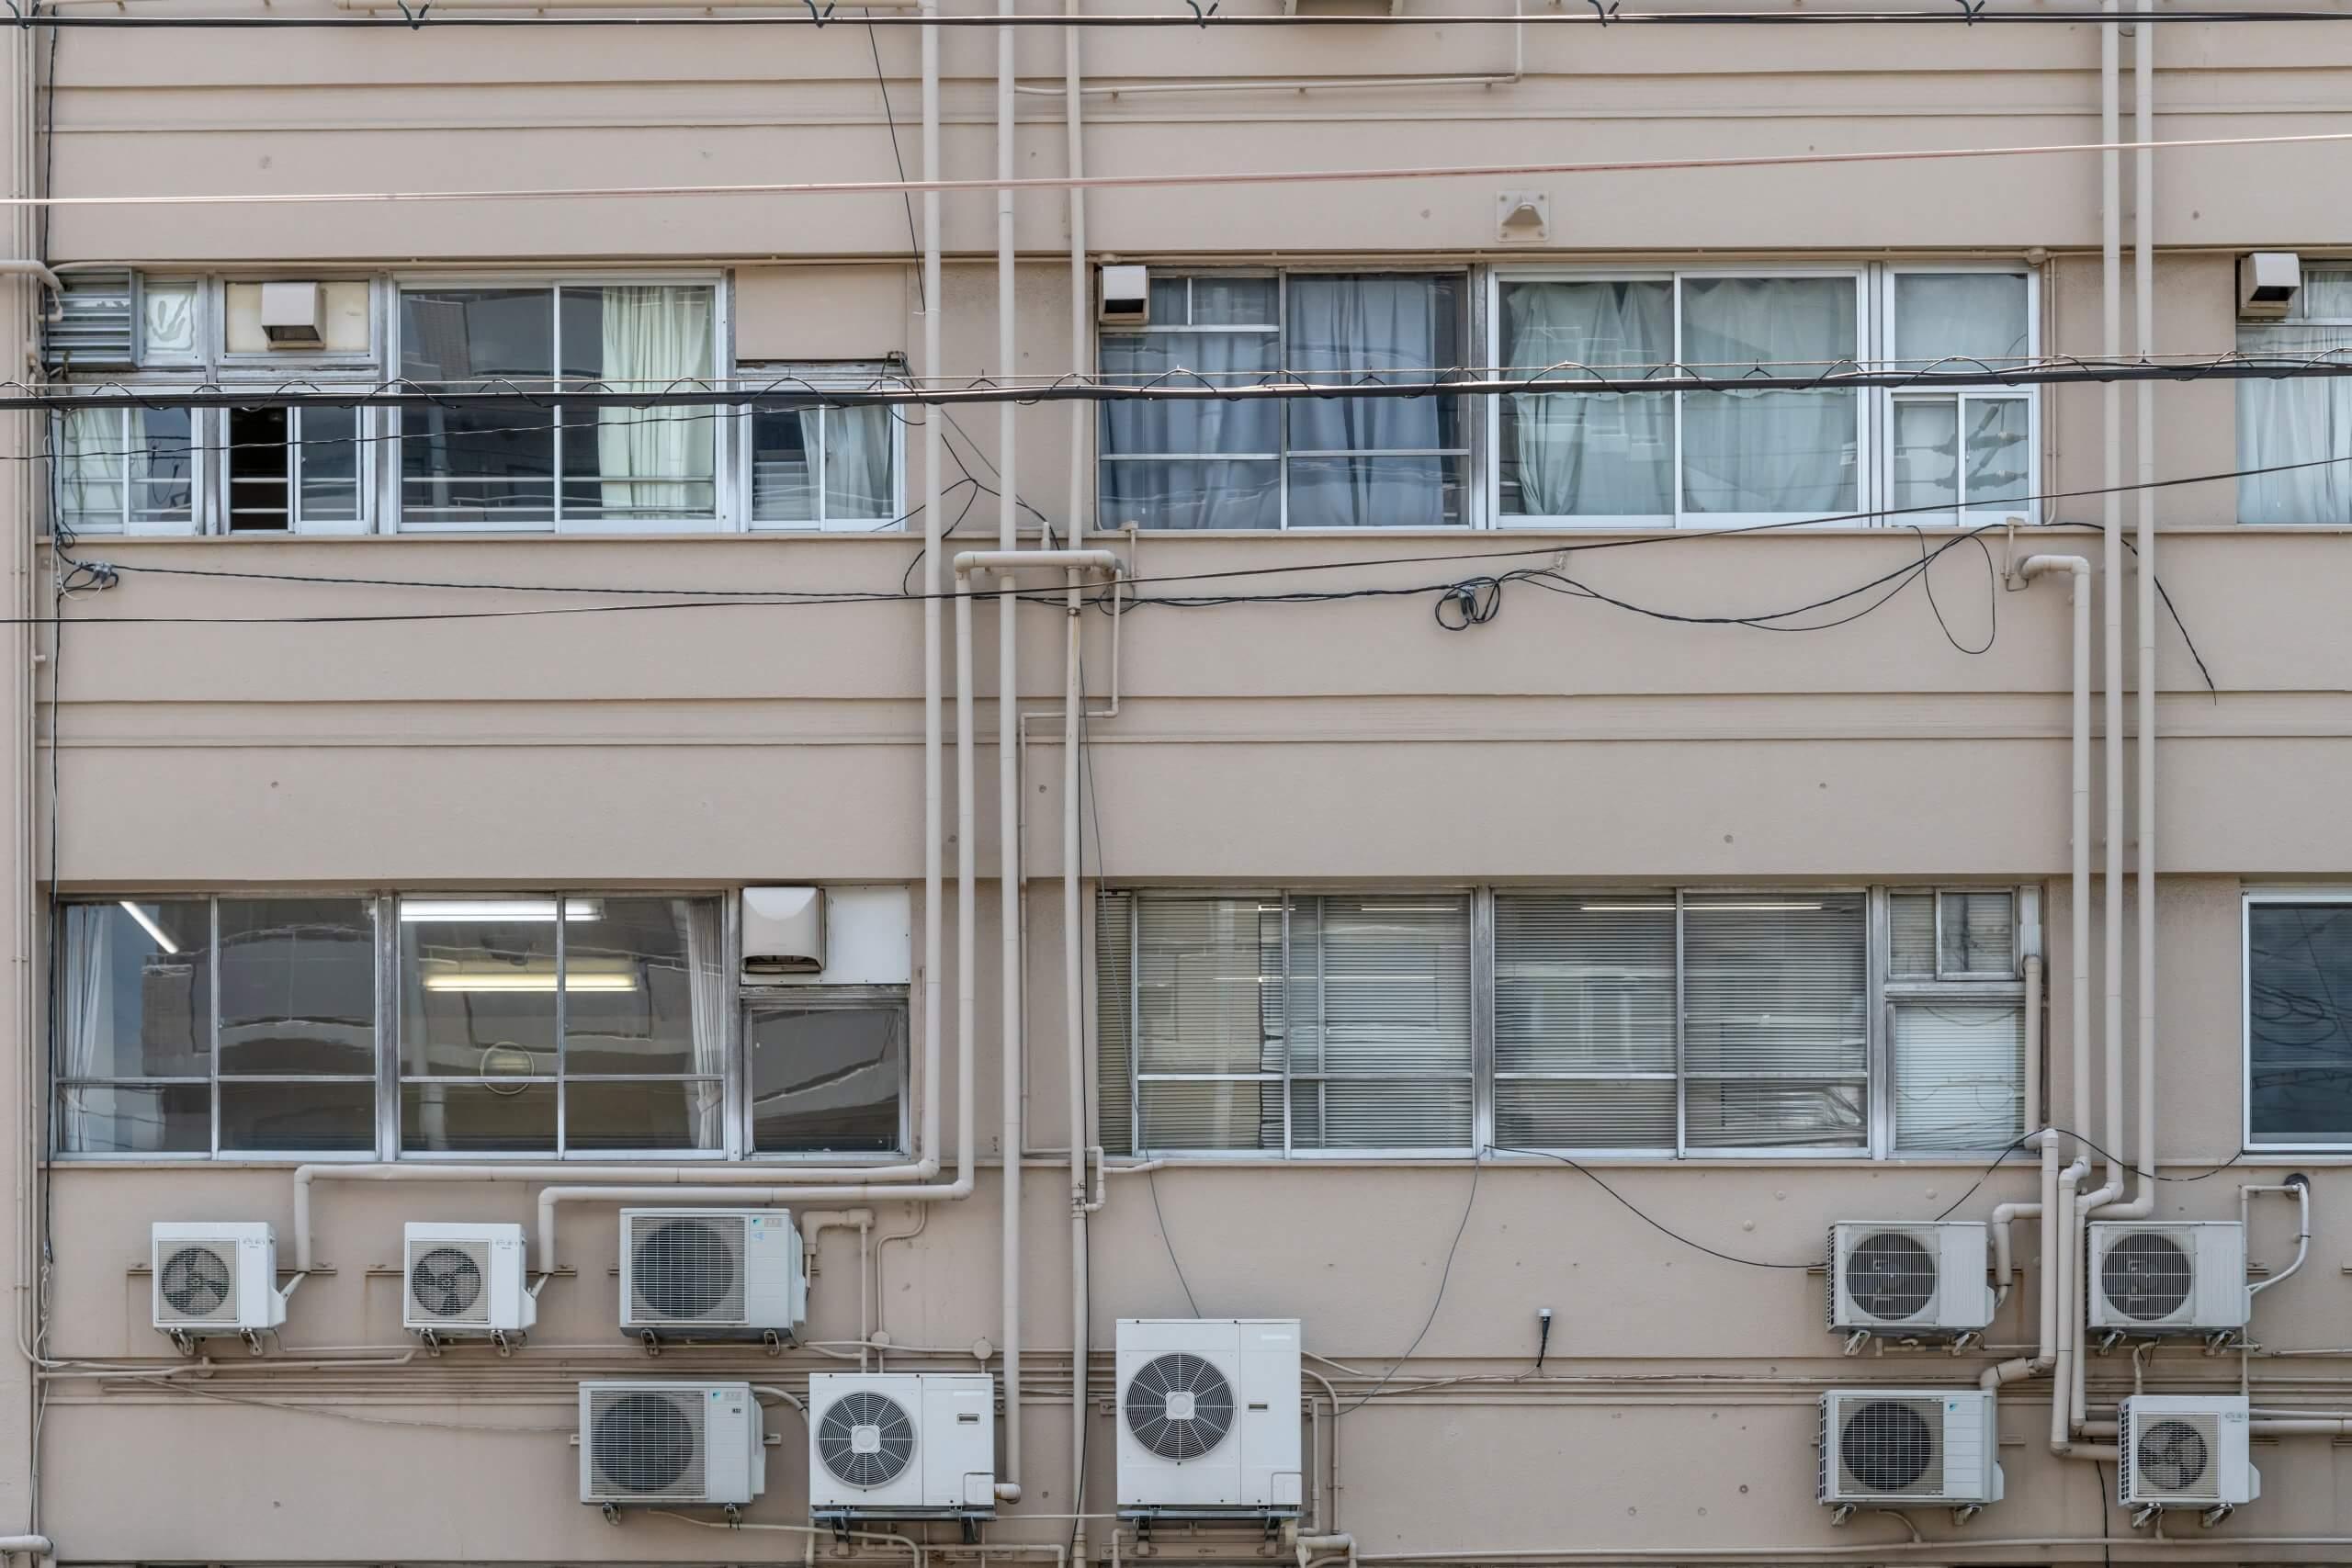 Teško ozlijeđen 70-godišnji serviser: Pao dok je popravljao klimu